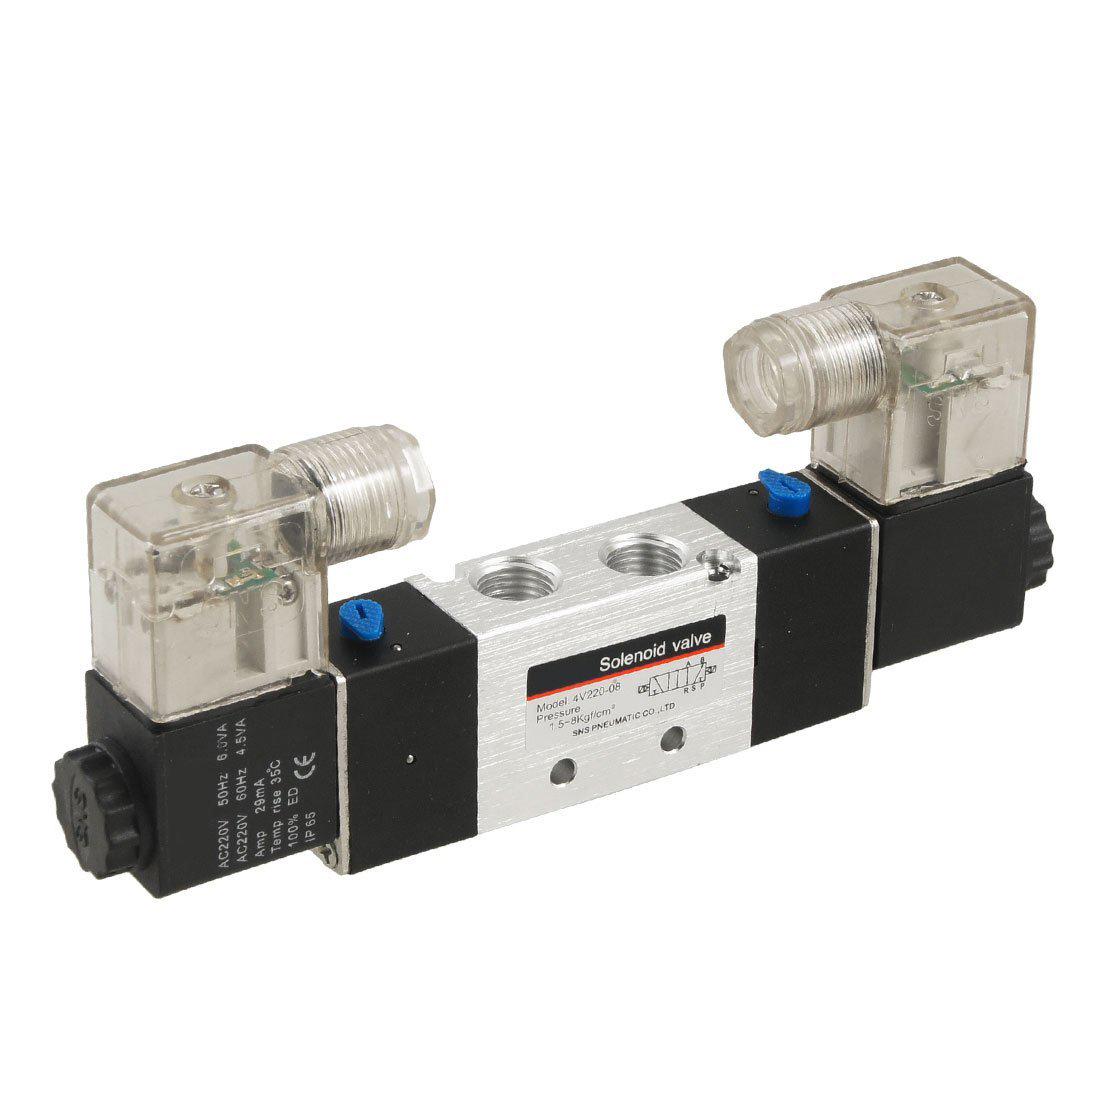 Van cơ điện từ đôi 5 cửa 2 vị trí 4V220-08 4V320-10 4V420-15 4V120-